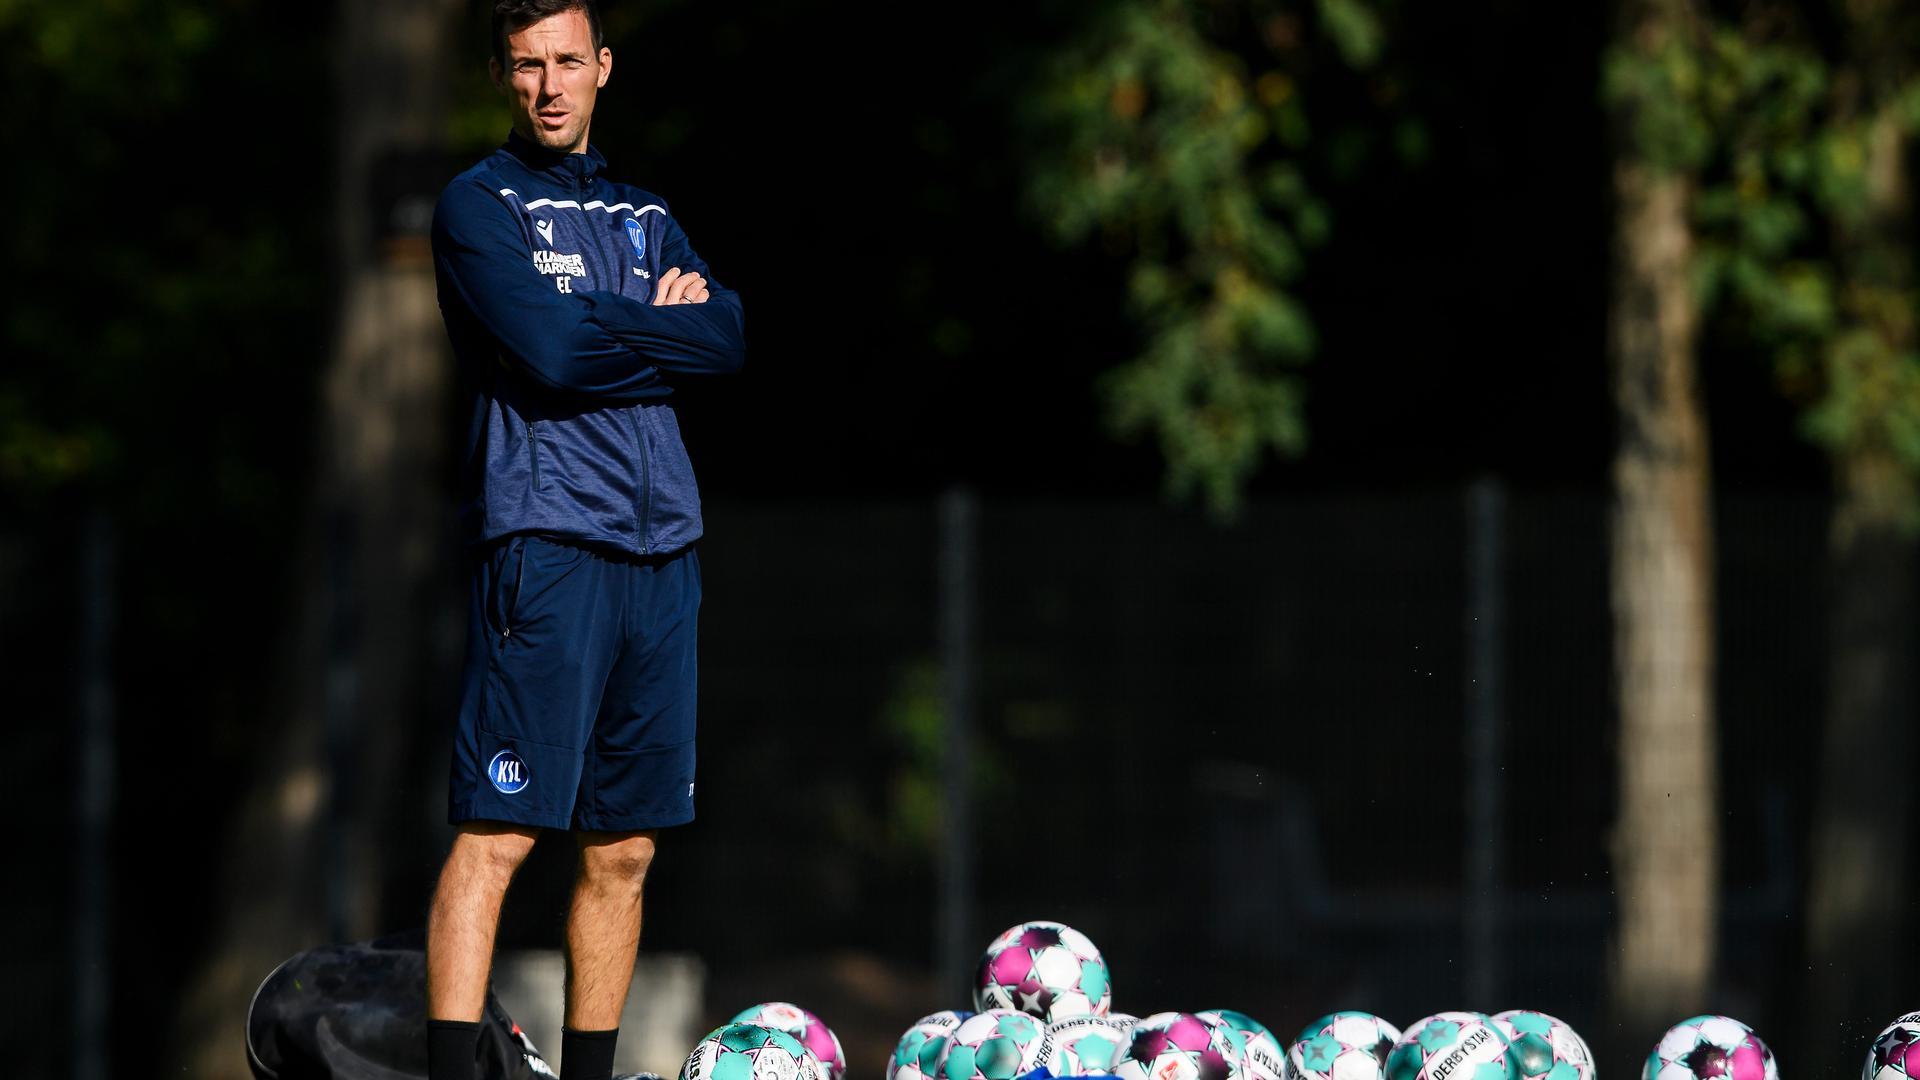 KSC-Cheftrainer Christian Eichner muss vor dem Auswärtsspiel in Regensburg die Störgeräusche von außen ignorieren.